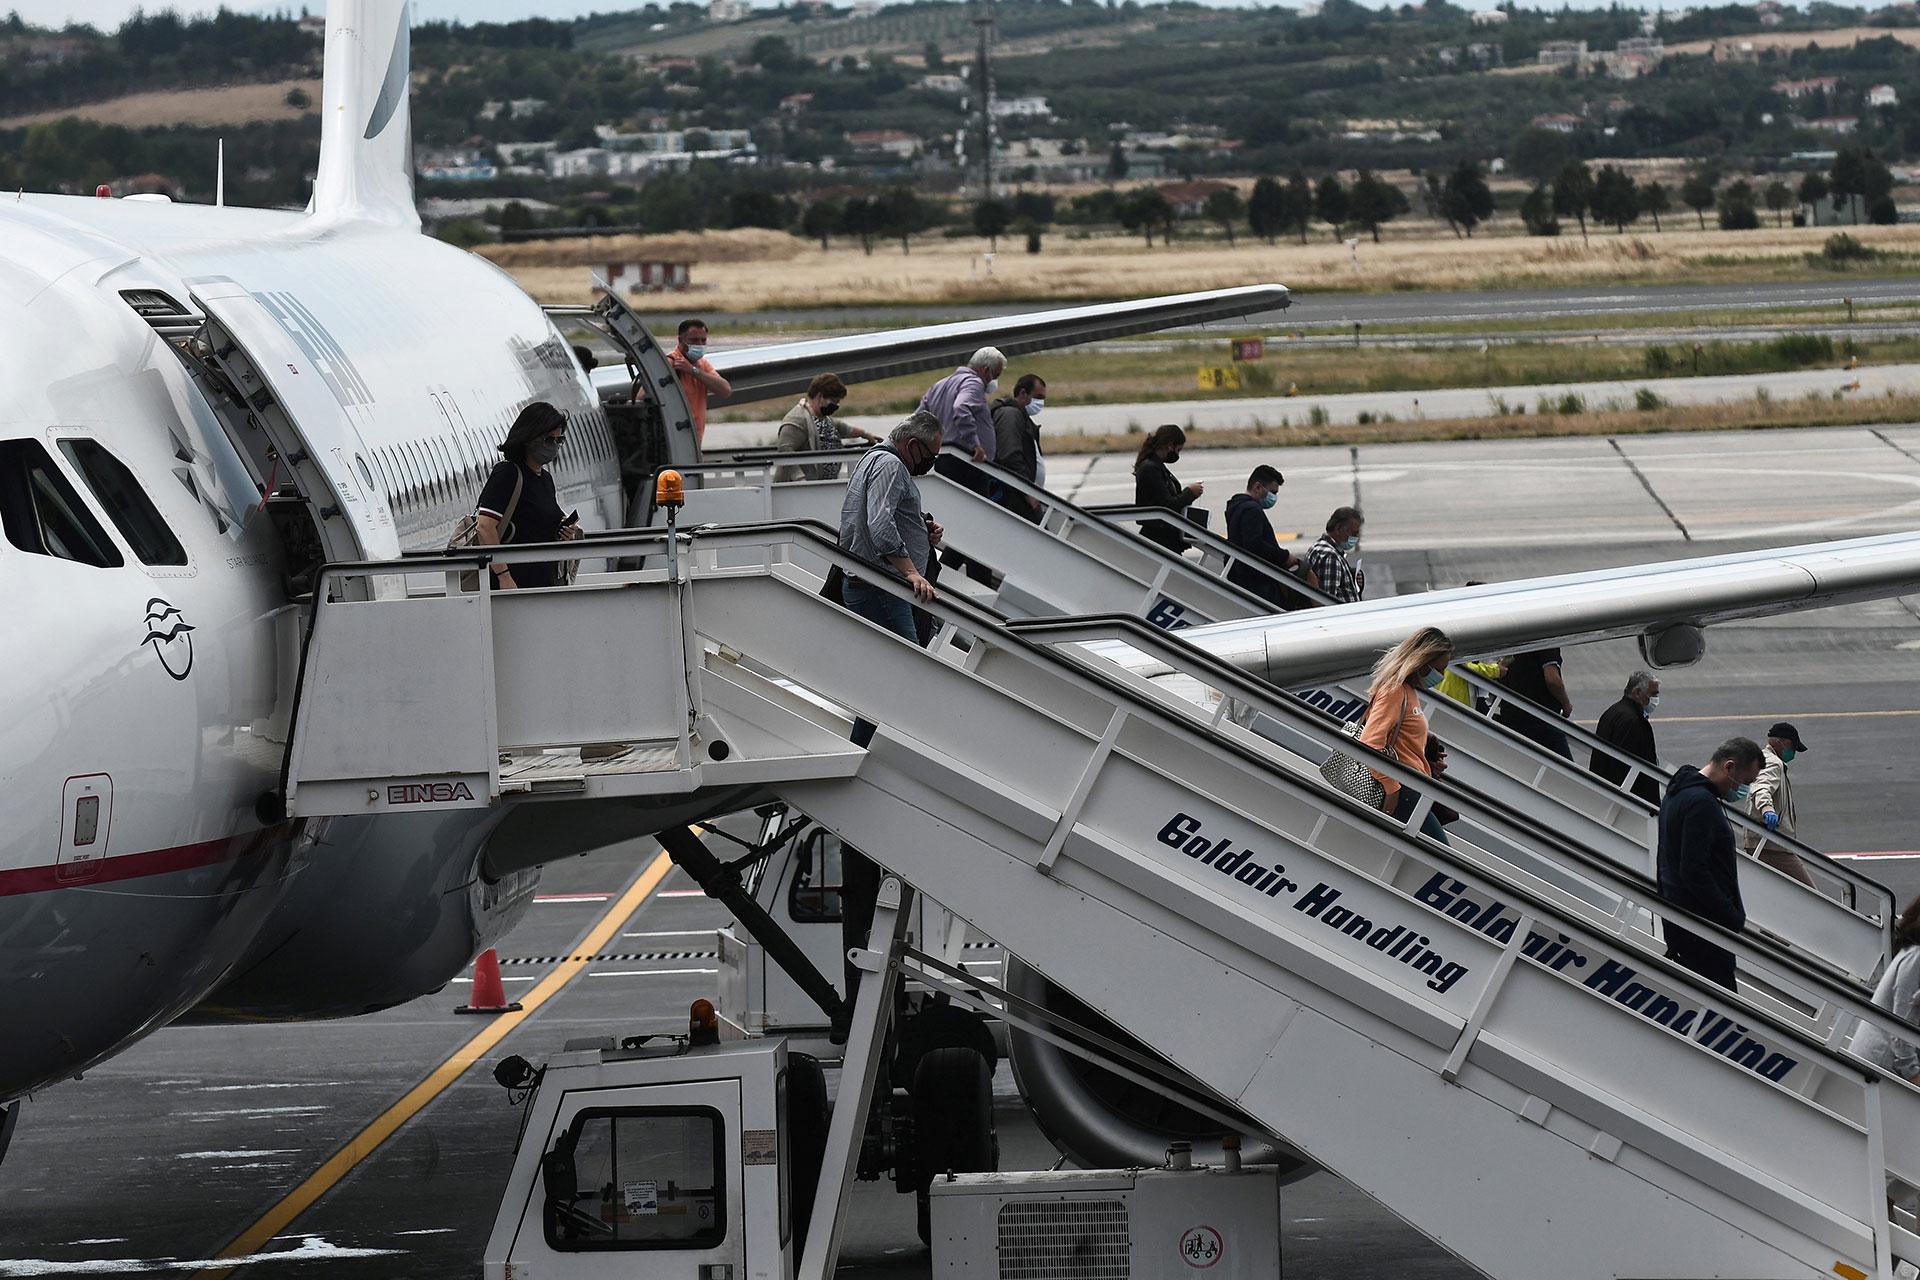 Pasajeros de un vuelo procedente de Alemania desembarca en el aeropuerto griego de Tesalonika.